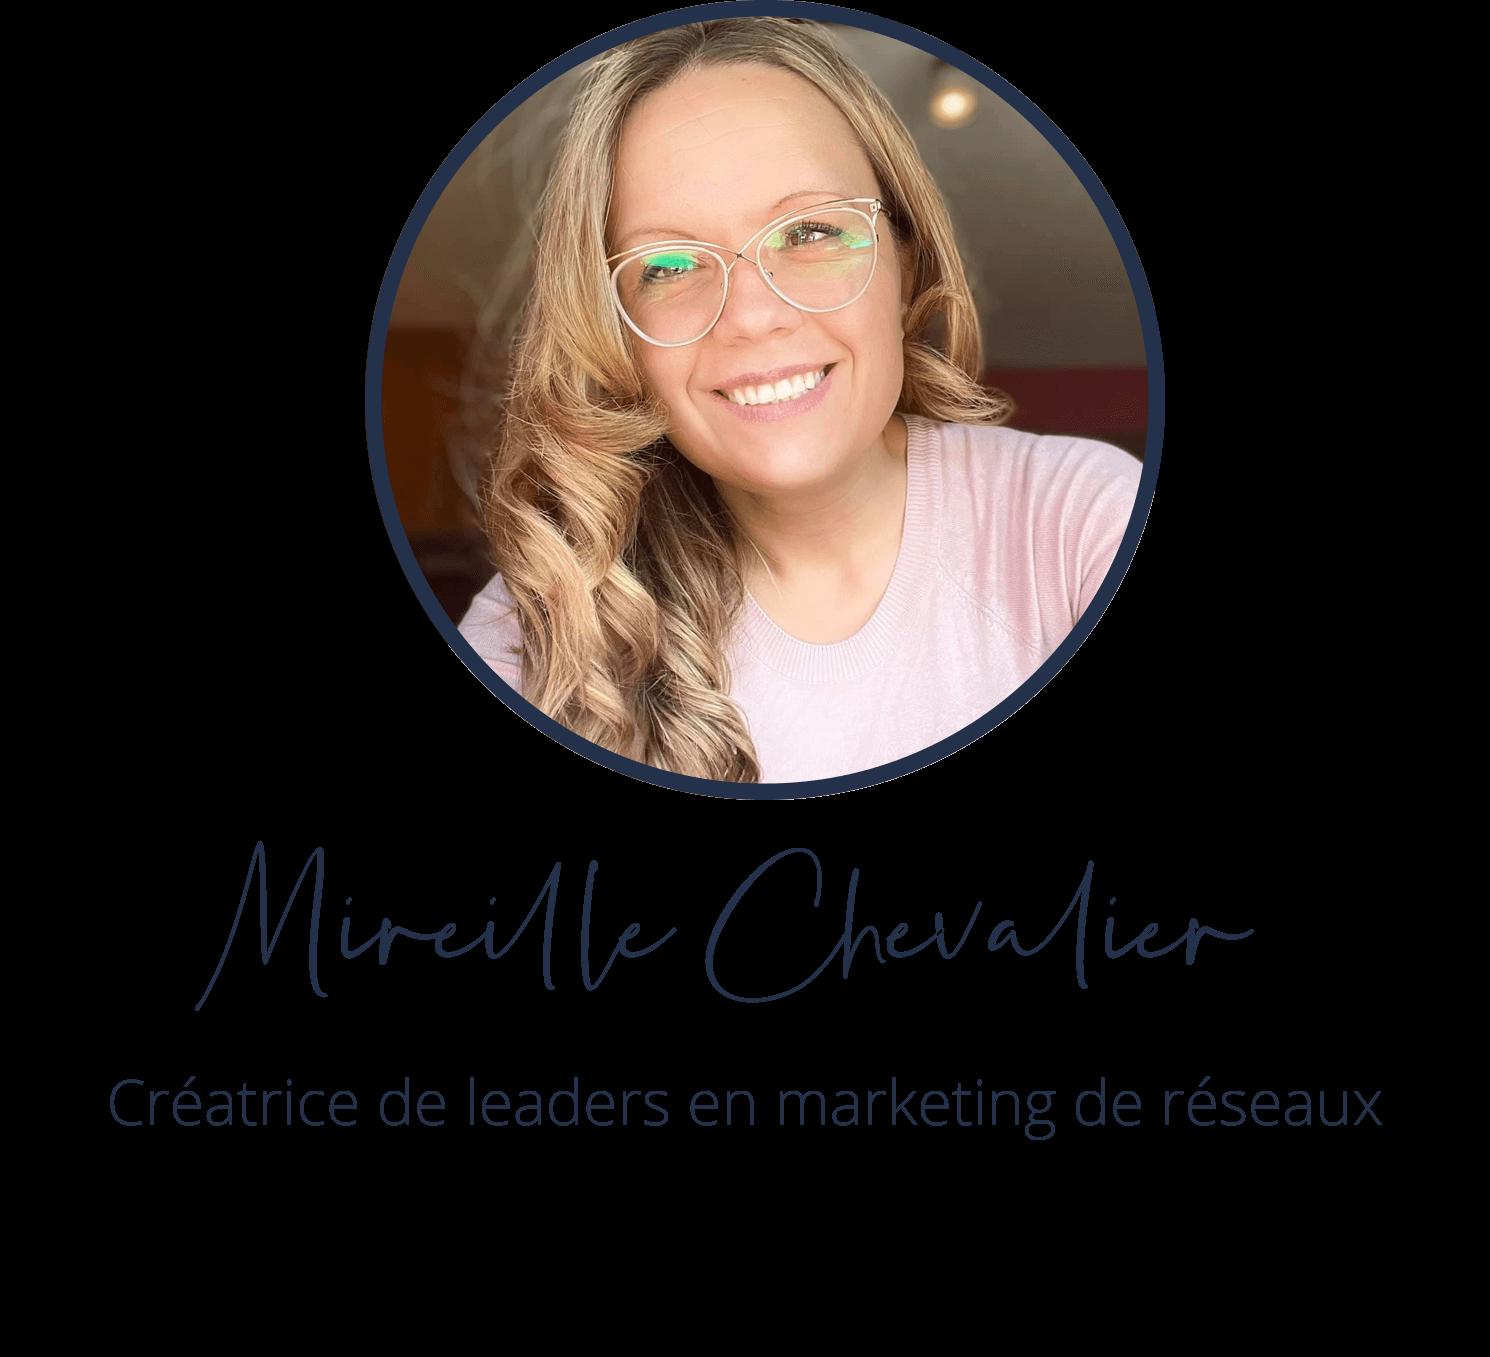 Mireille Chevalier, Créatrice de leaders en marketing de réseaux